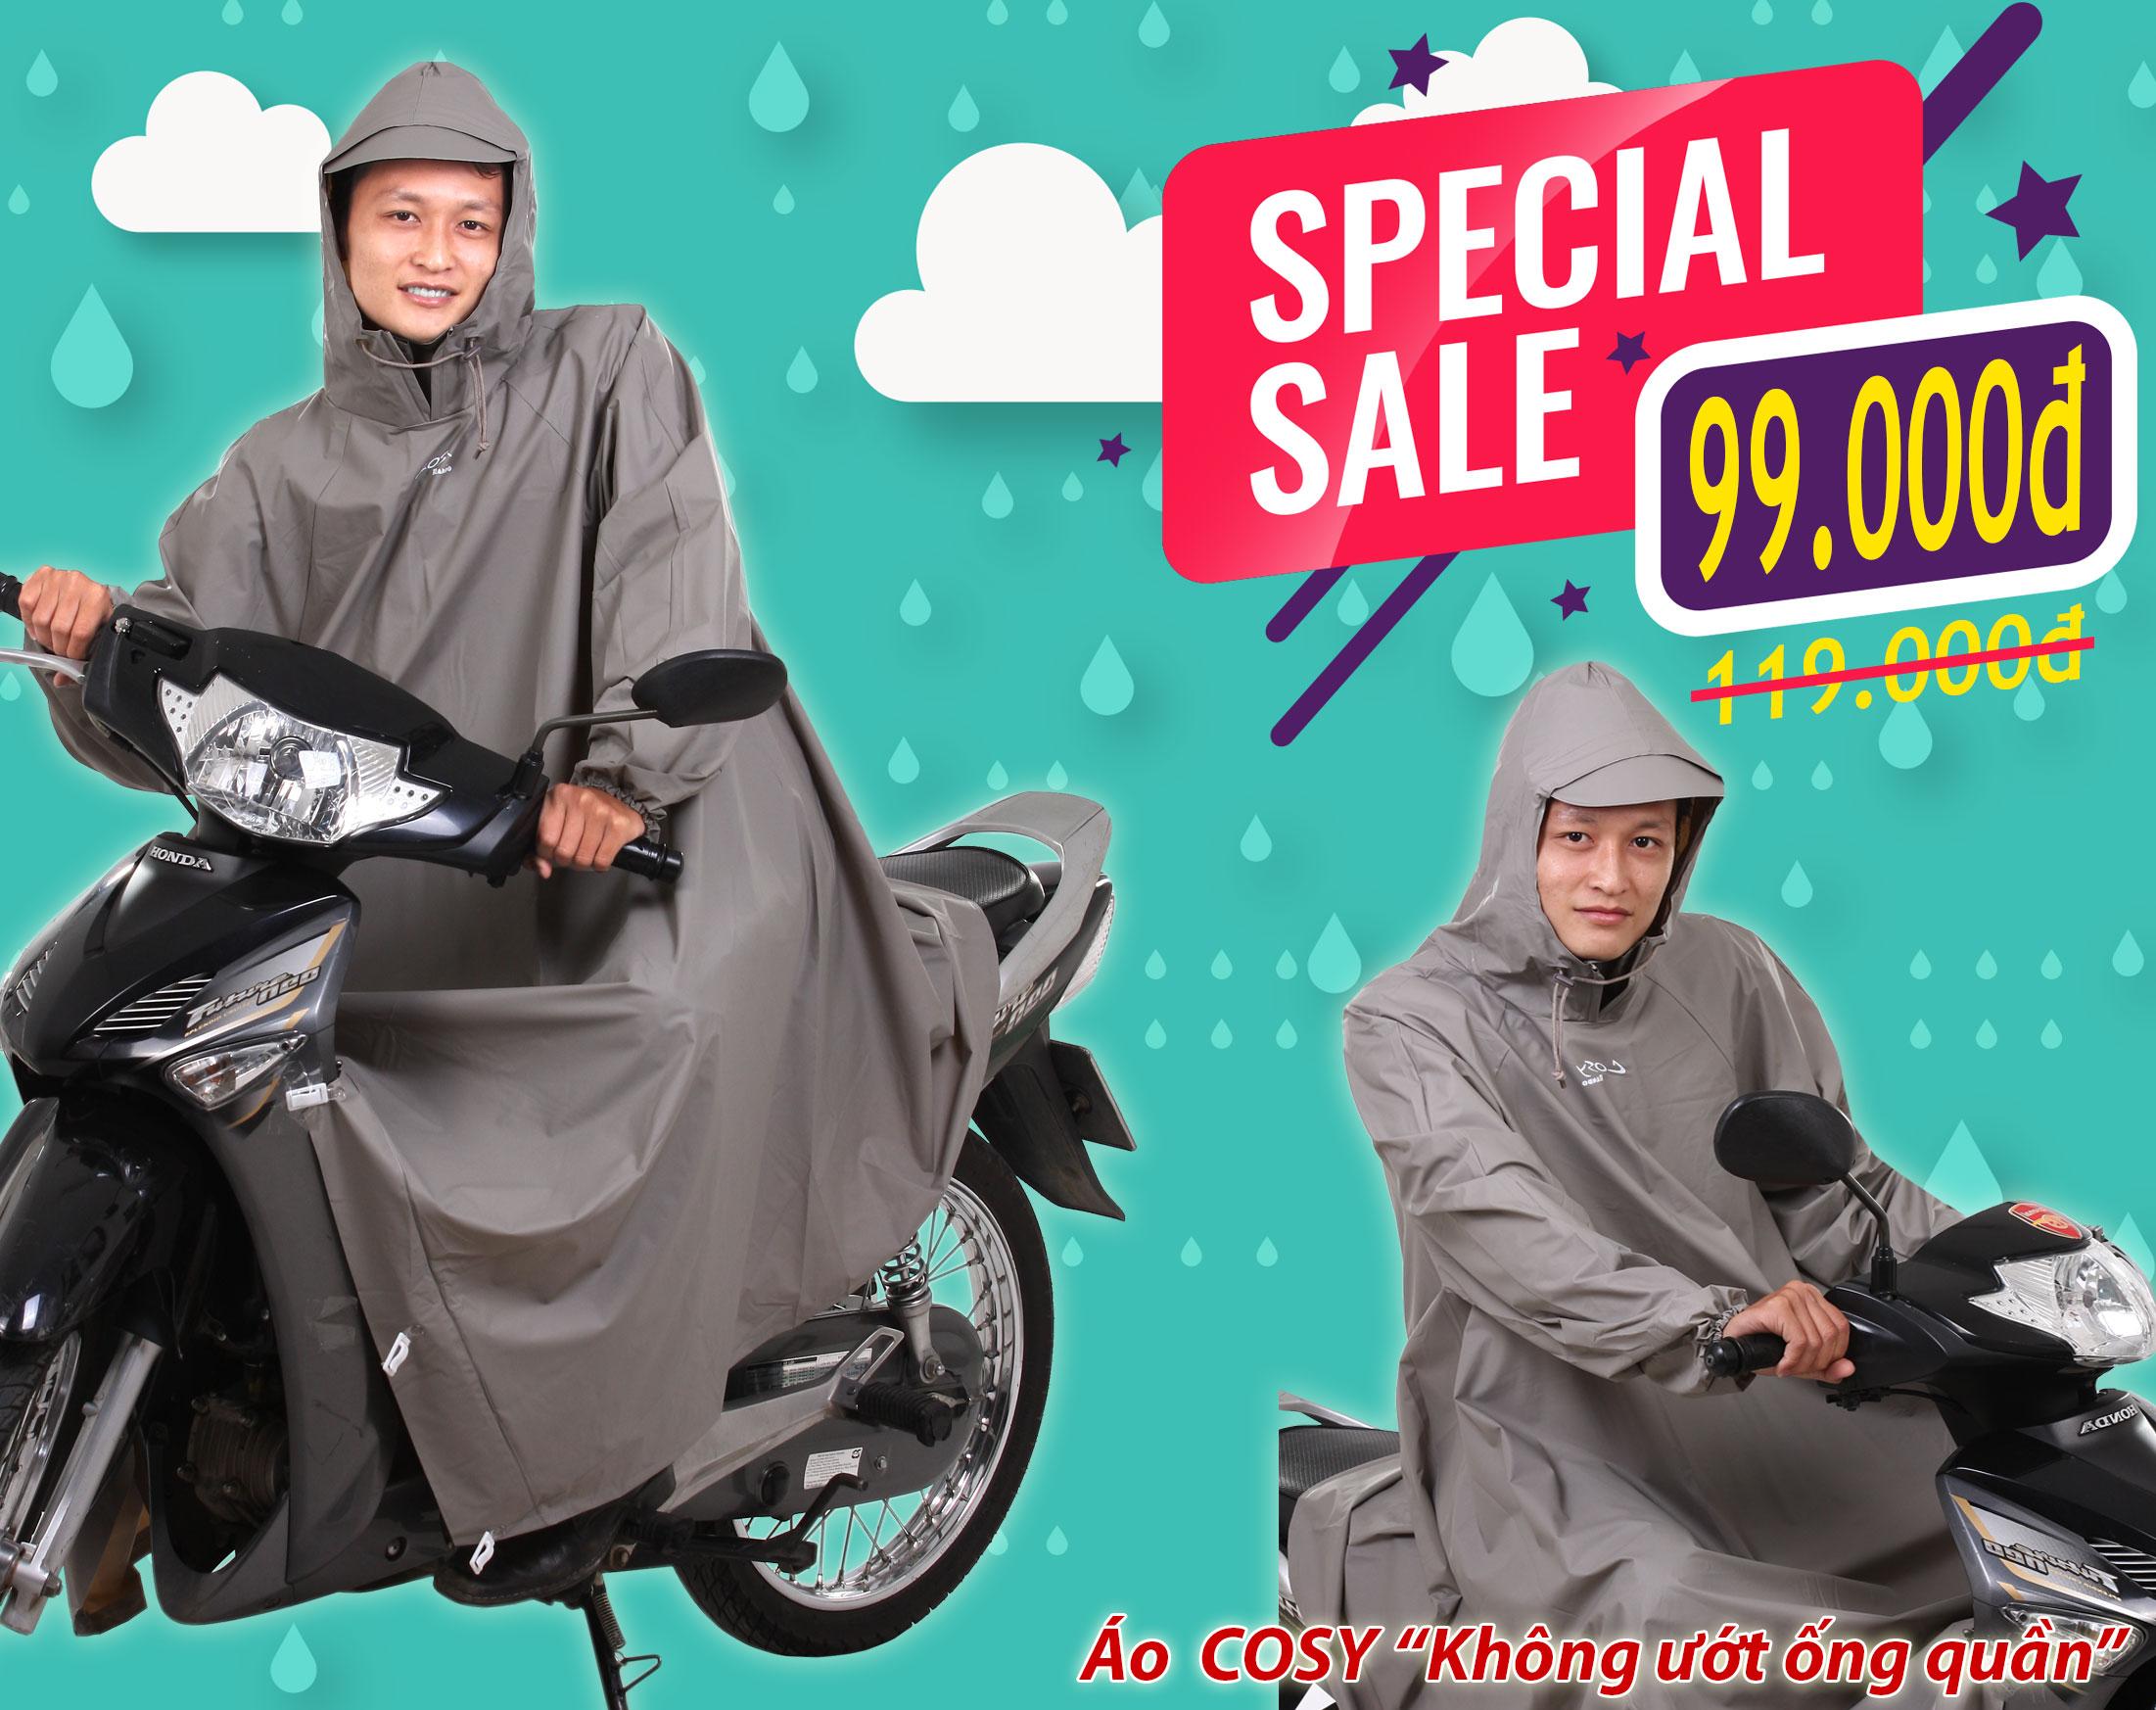 Áo mưa cosy không ướt ống quần rando khuyến mãi tháng 7/2019